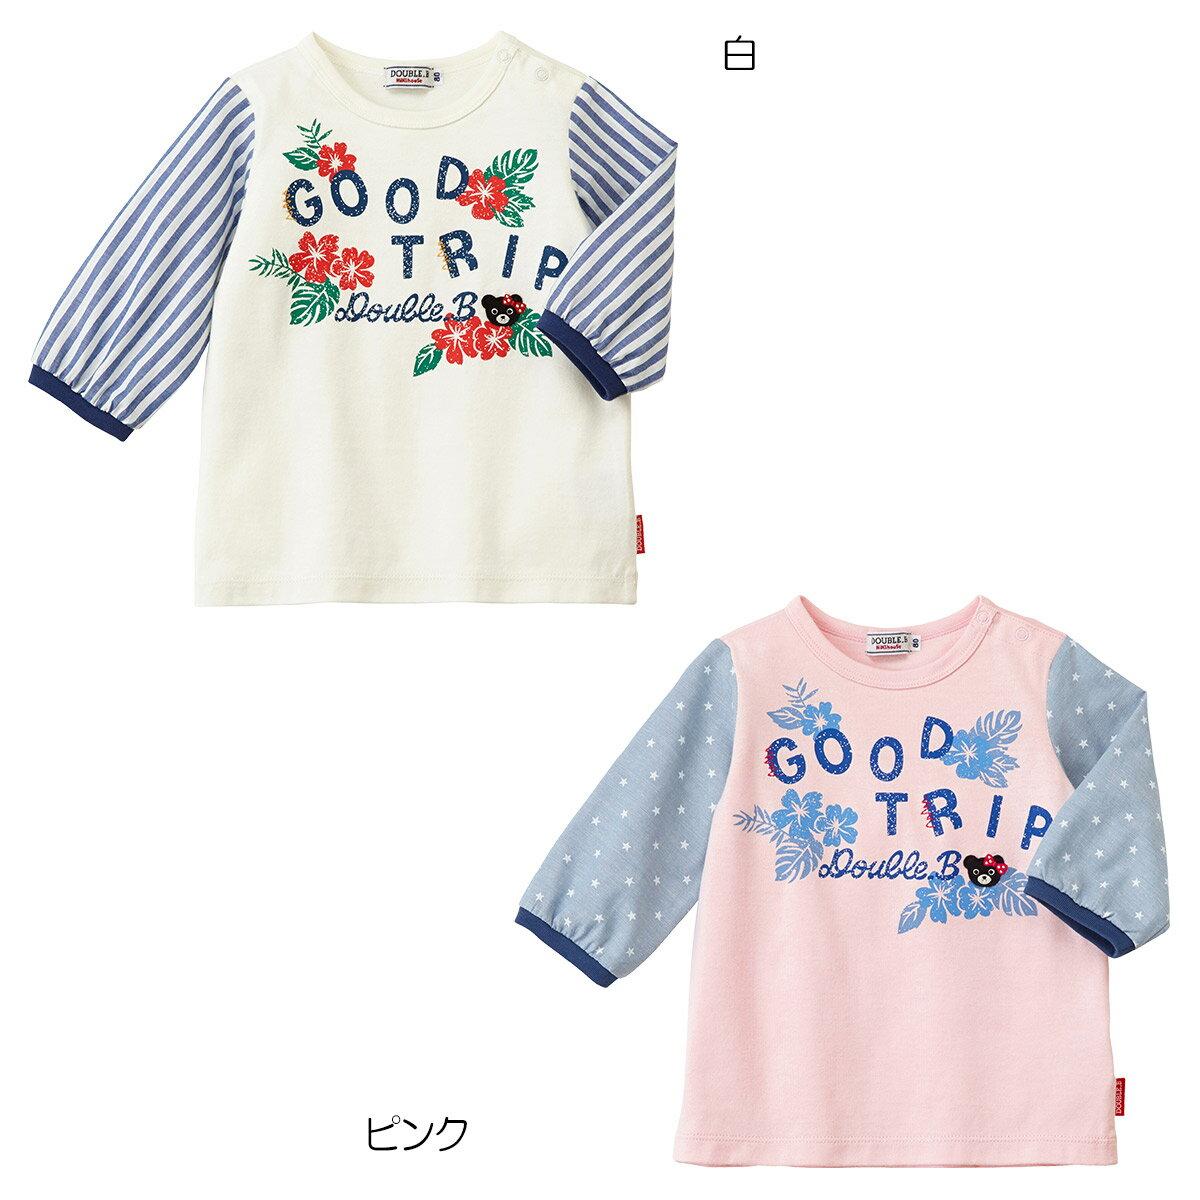 ミキハウス ダブルビー mikihouse Tシャツ(110cm・120cm・130cm・140cm)